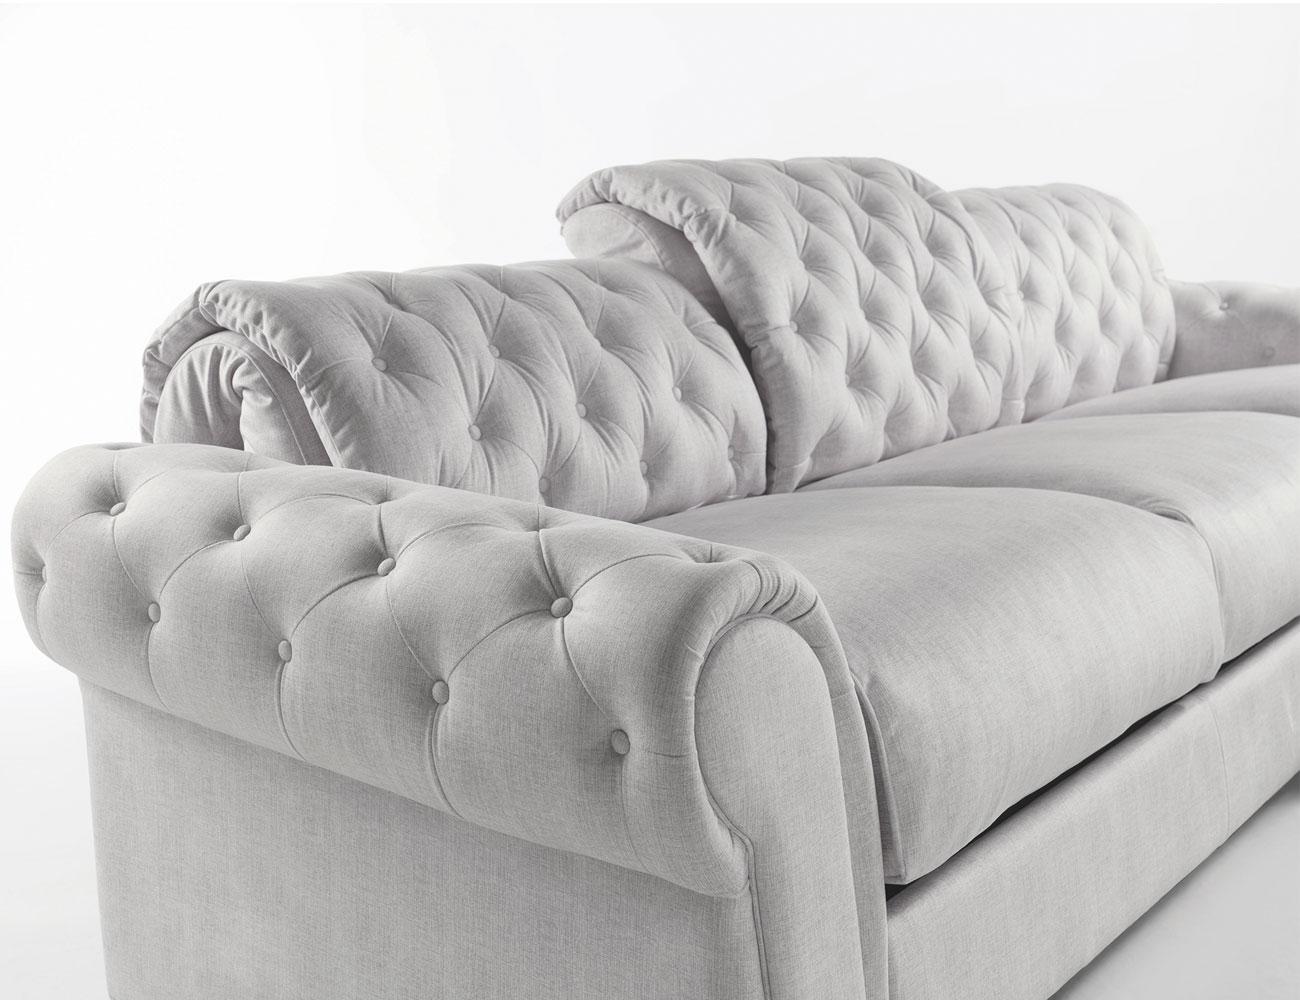 Sofa chaiselongue gran lujo decorativo capitone blanco tela 111